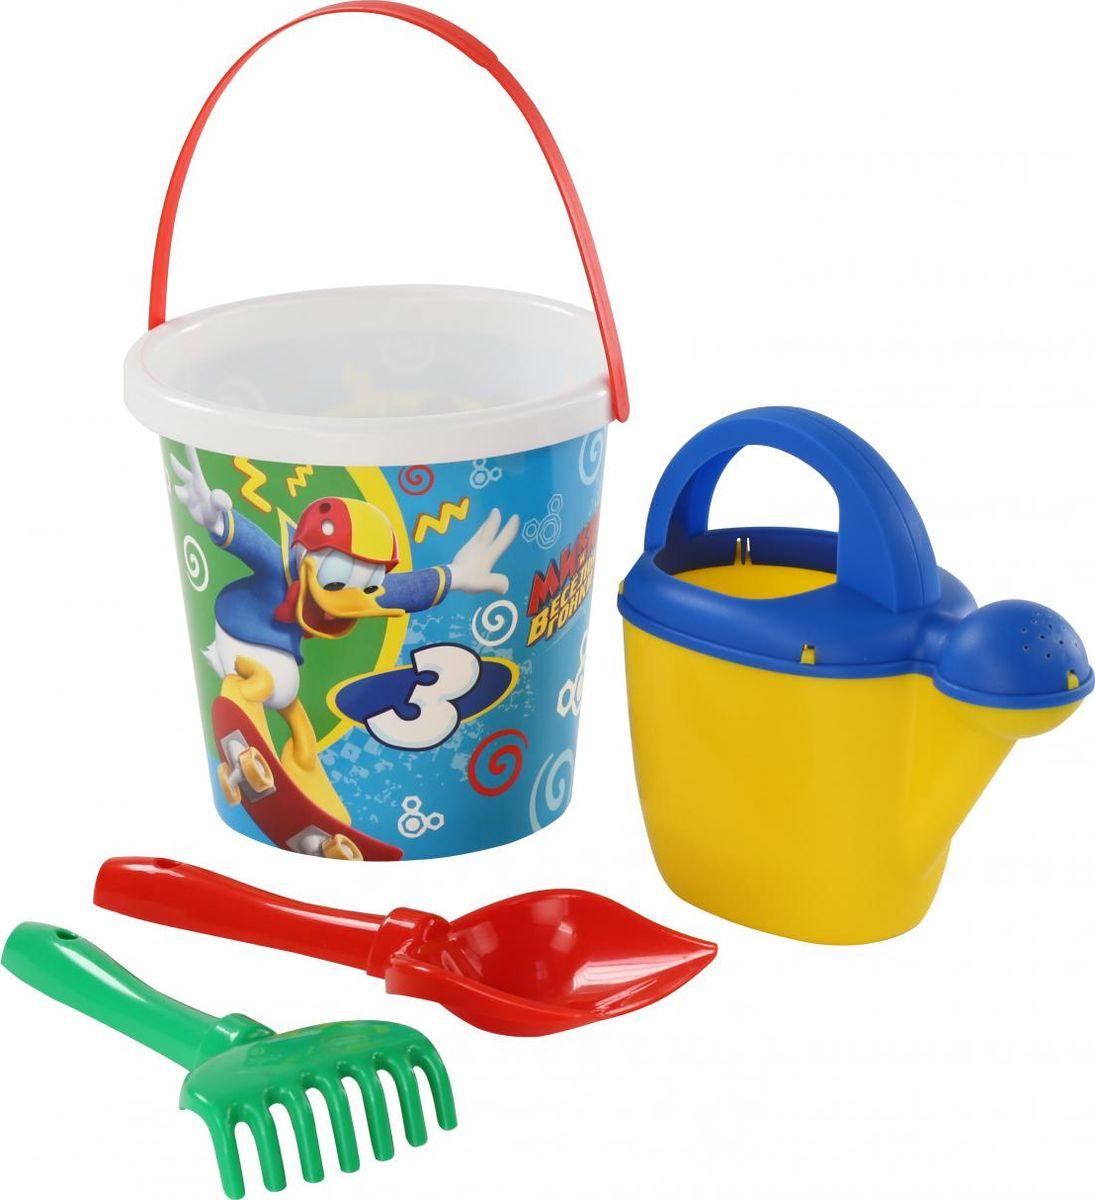 Disney Набор игрушек для песочницы Микки и Веселые гонки №9 4 предмета игра настольная веселые гонки и божьи коровки